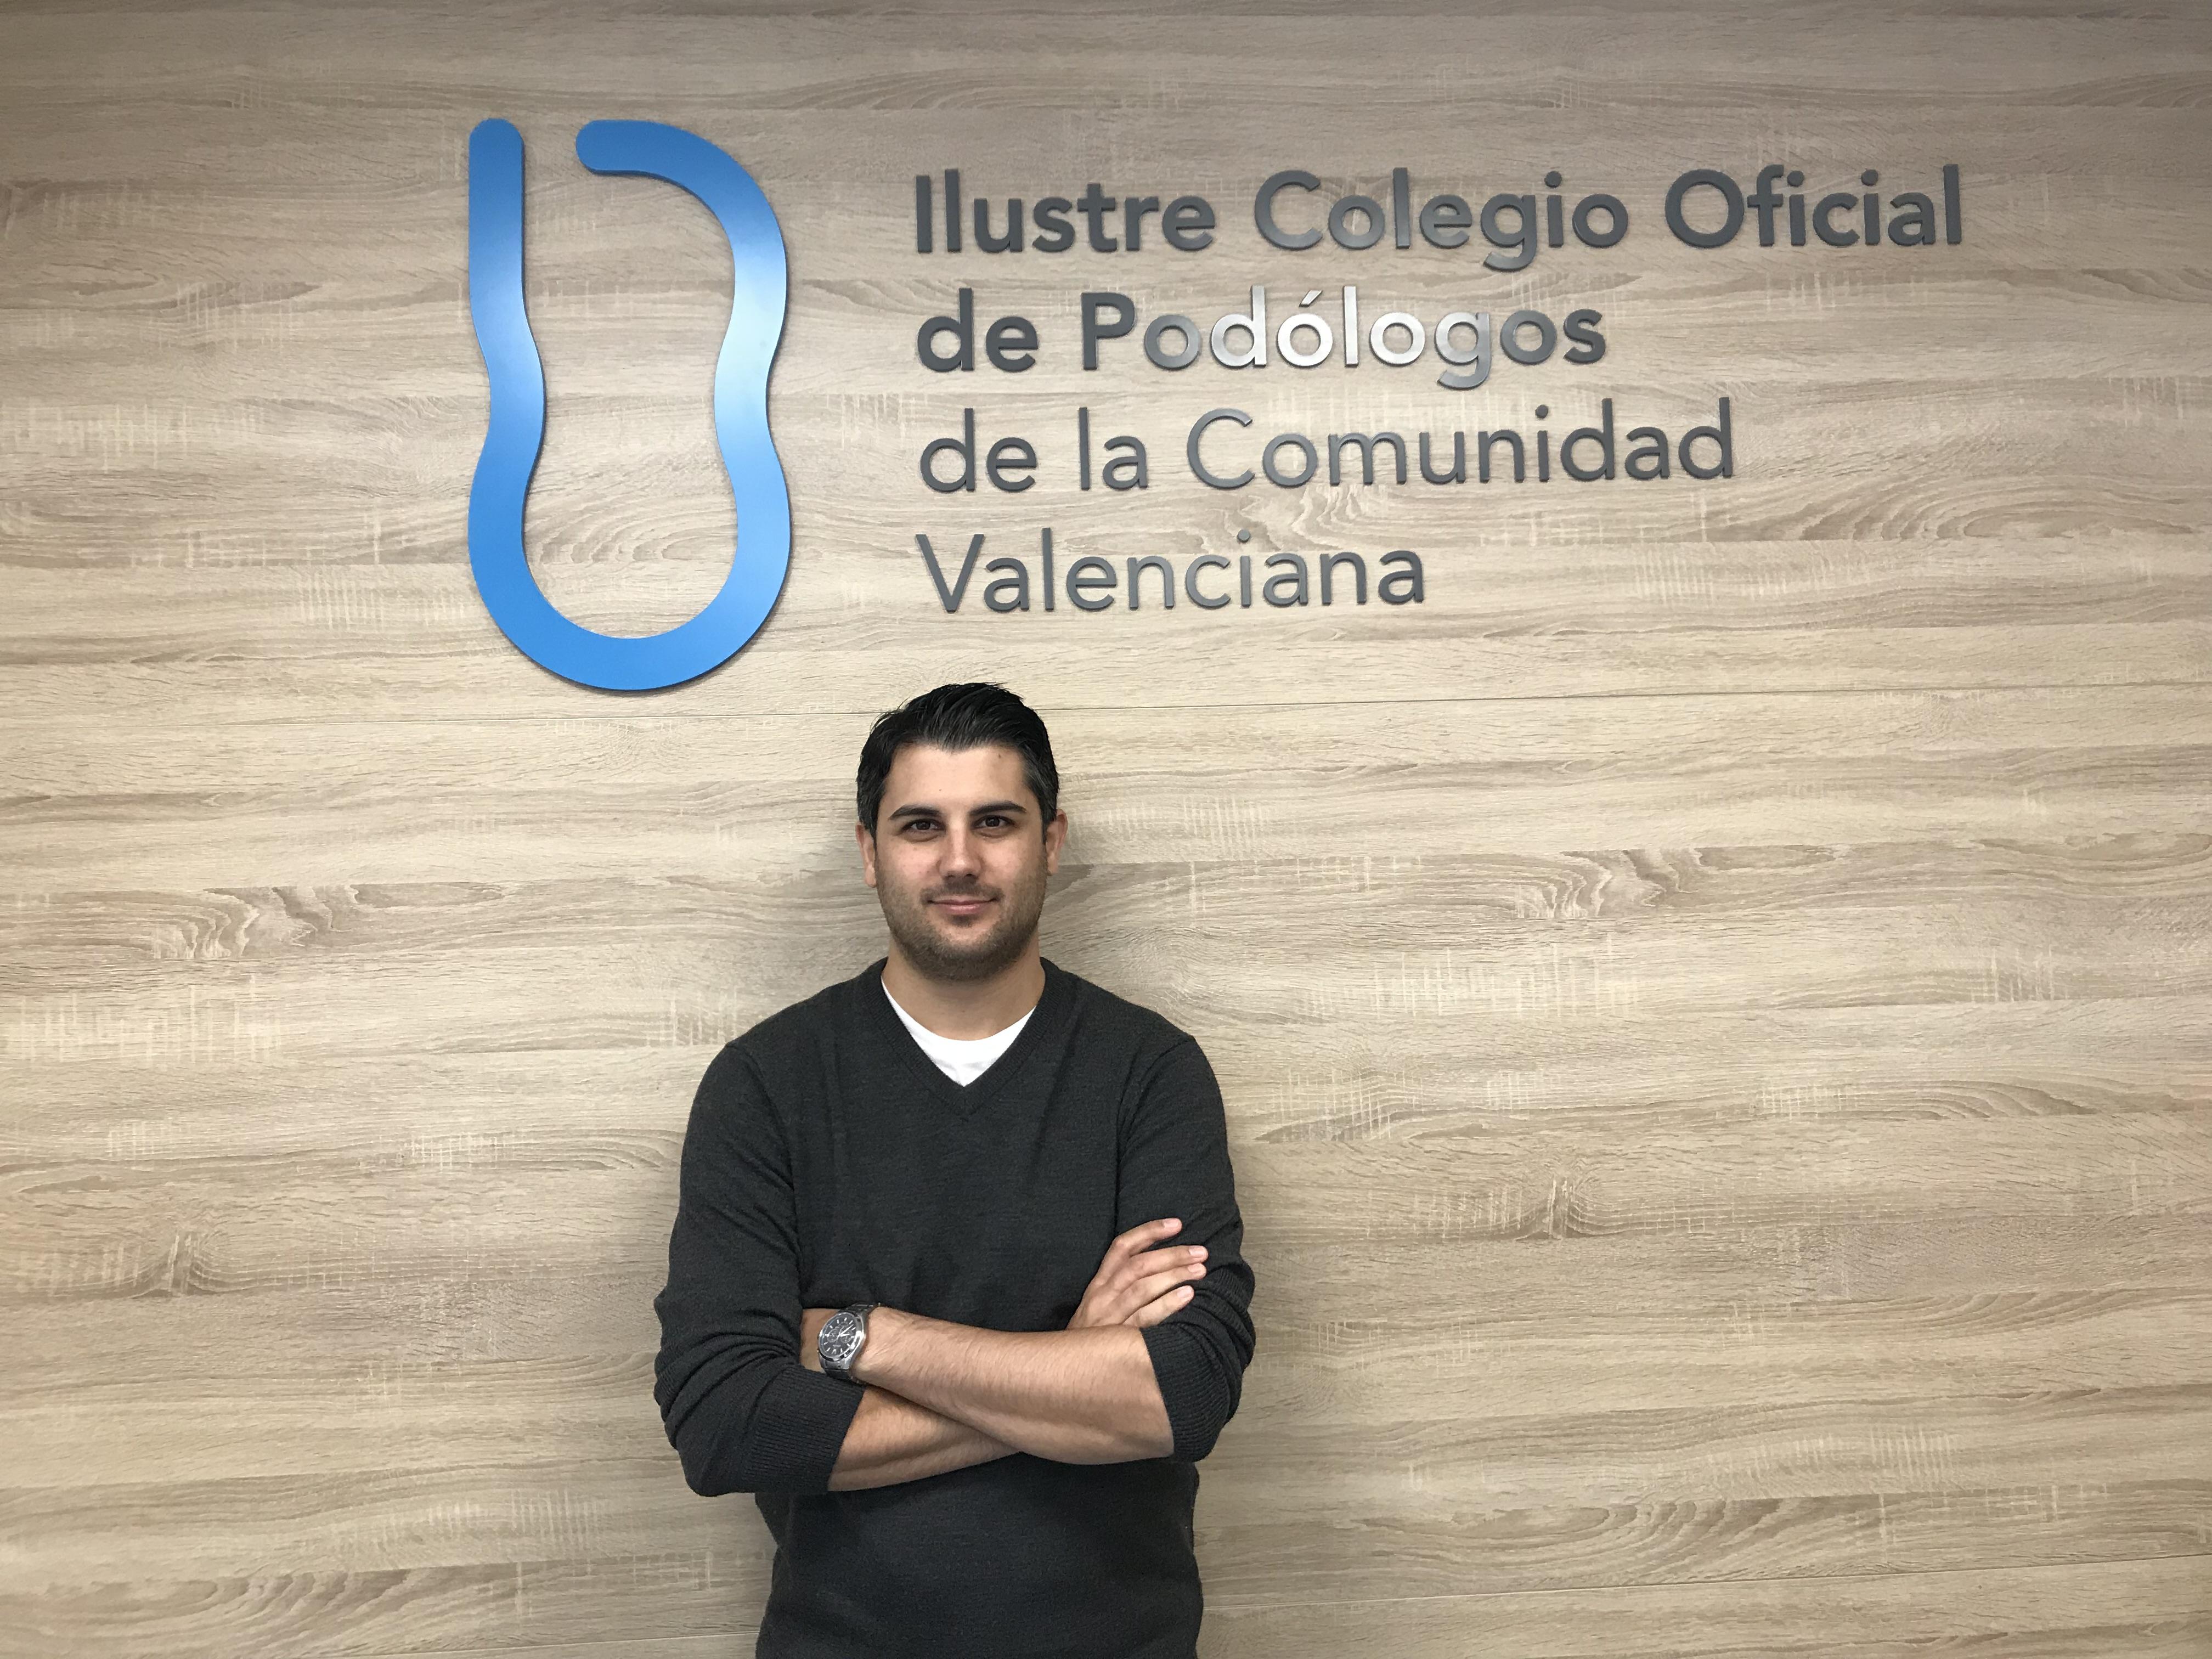 D Javier Ruiz Escobar